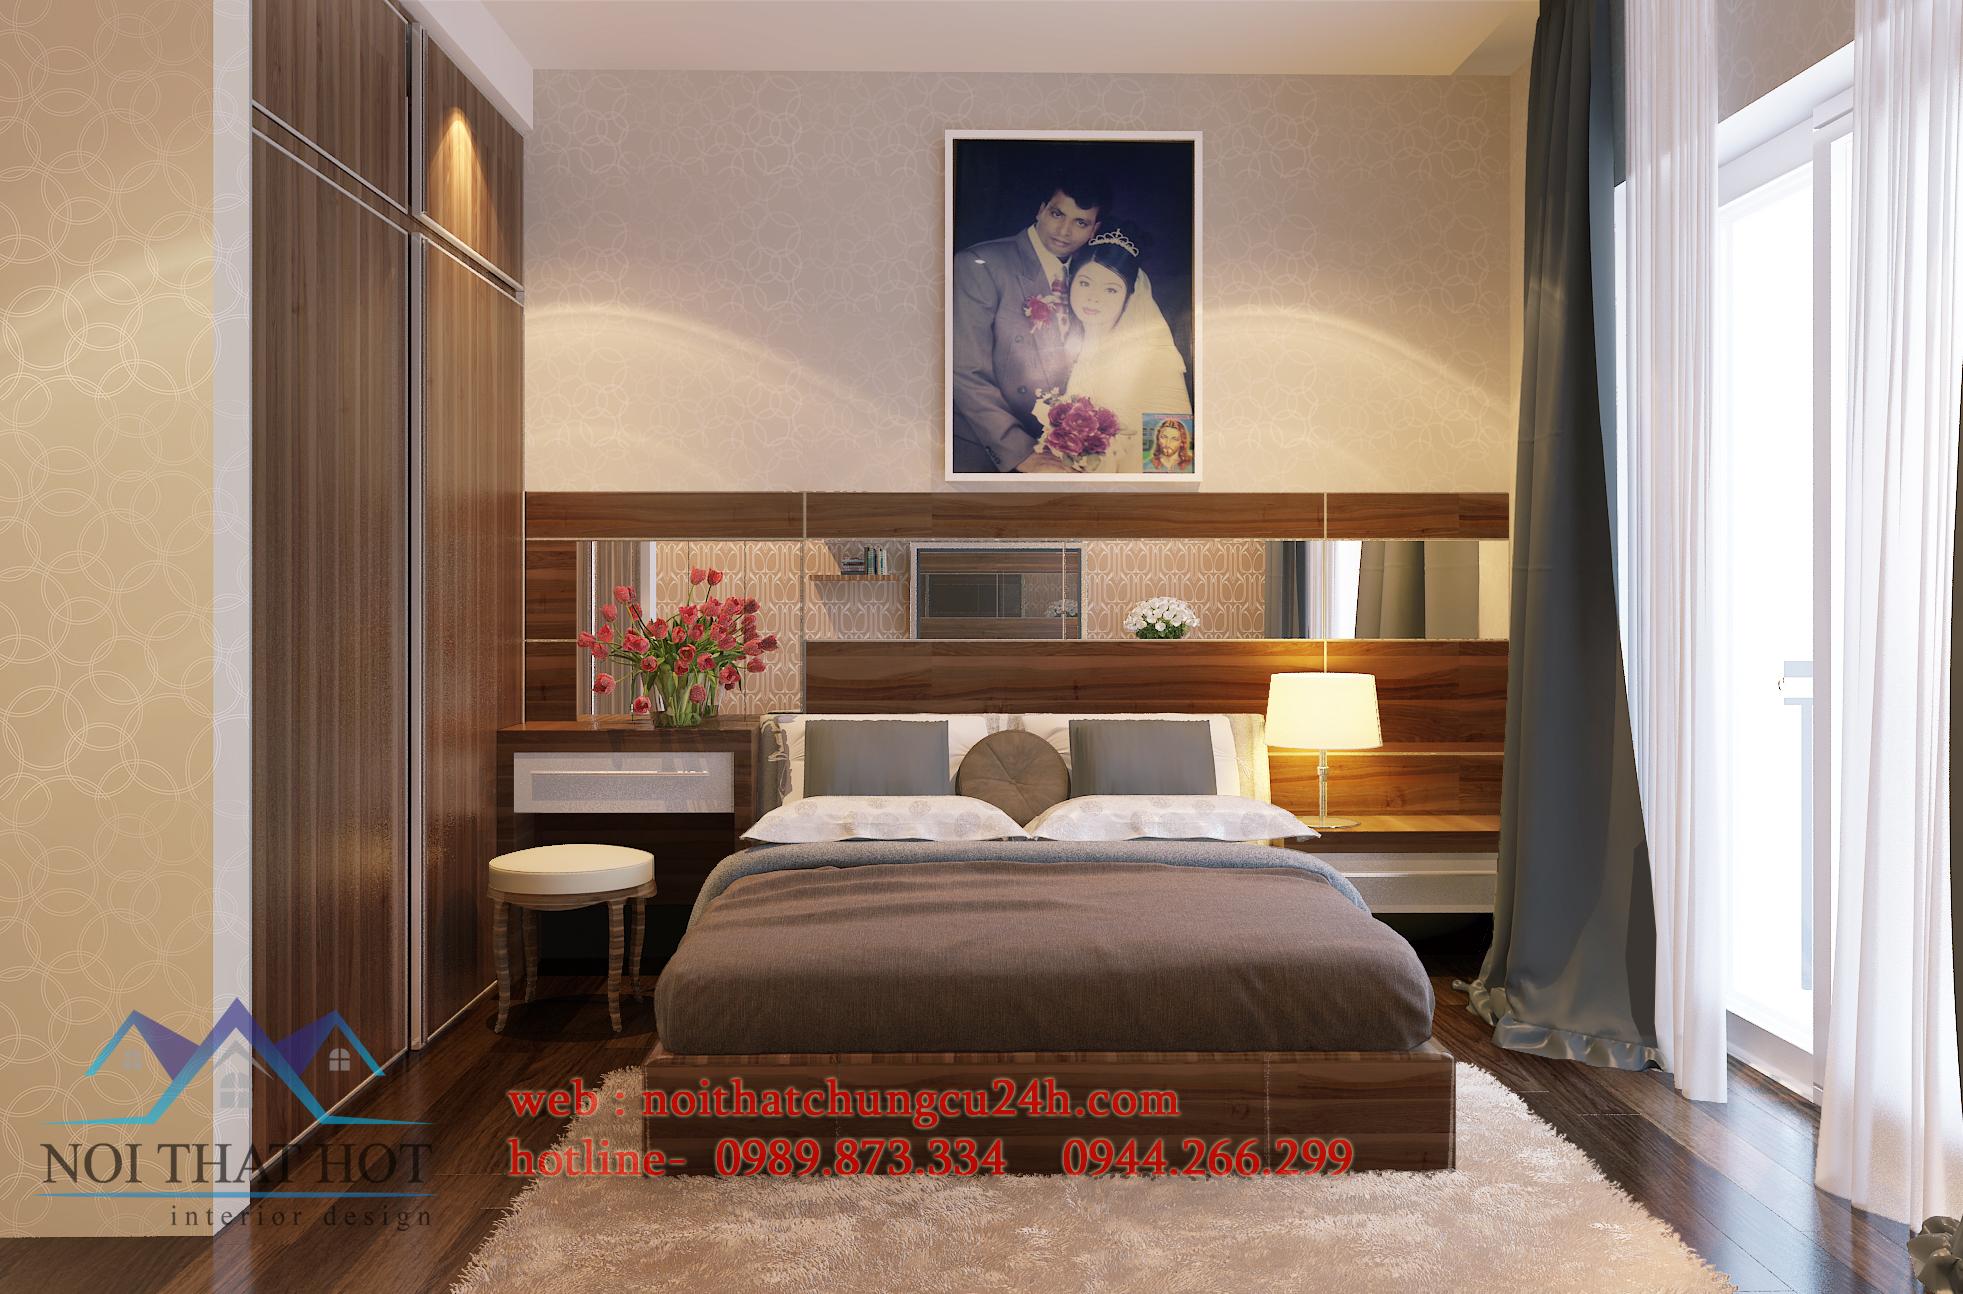 thiết kế nội thất căn hộ chung cư với phòng ngủ đẹp